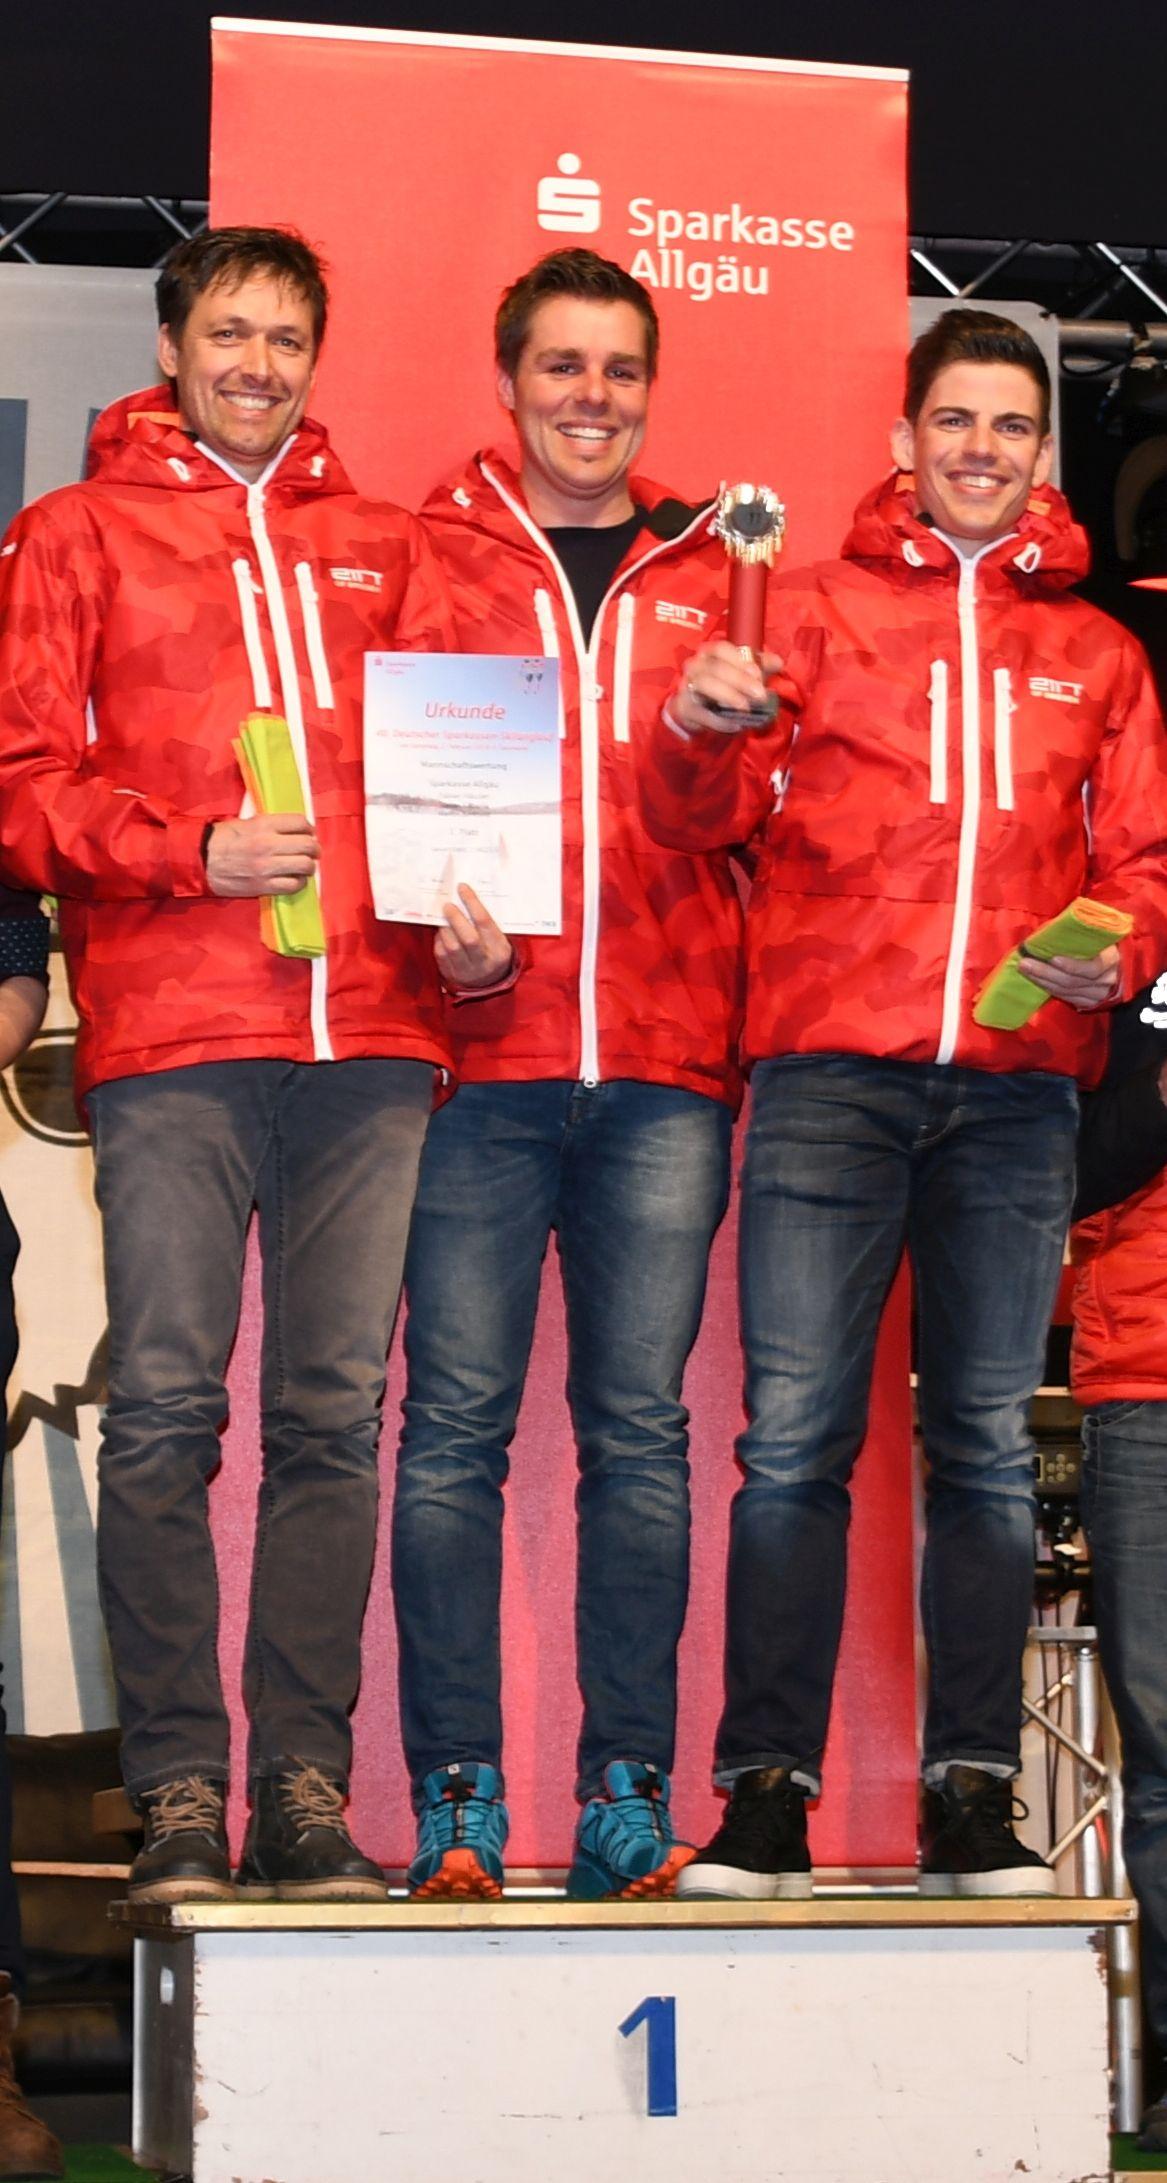 Platz 1 für die Herrenmannschaft der Sparkasse Allgäu: Martin Berktold, Stefan Köberle und Fabian Häusler (v.l.)